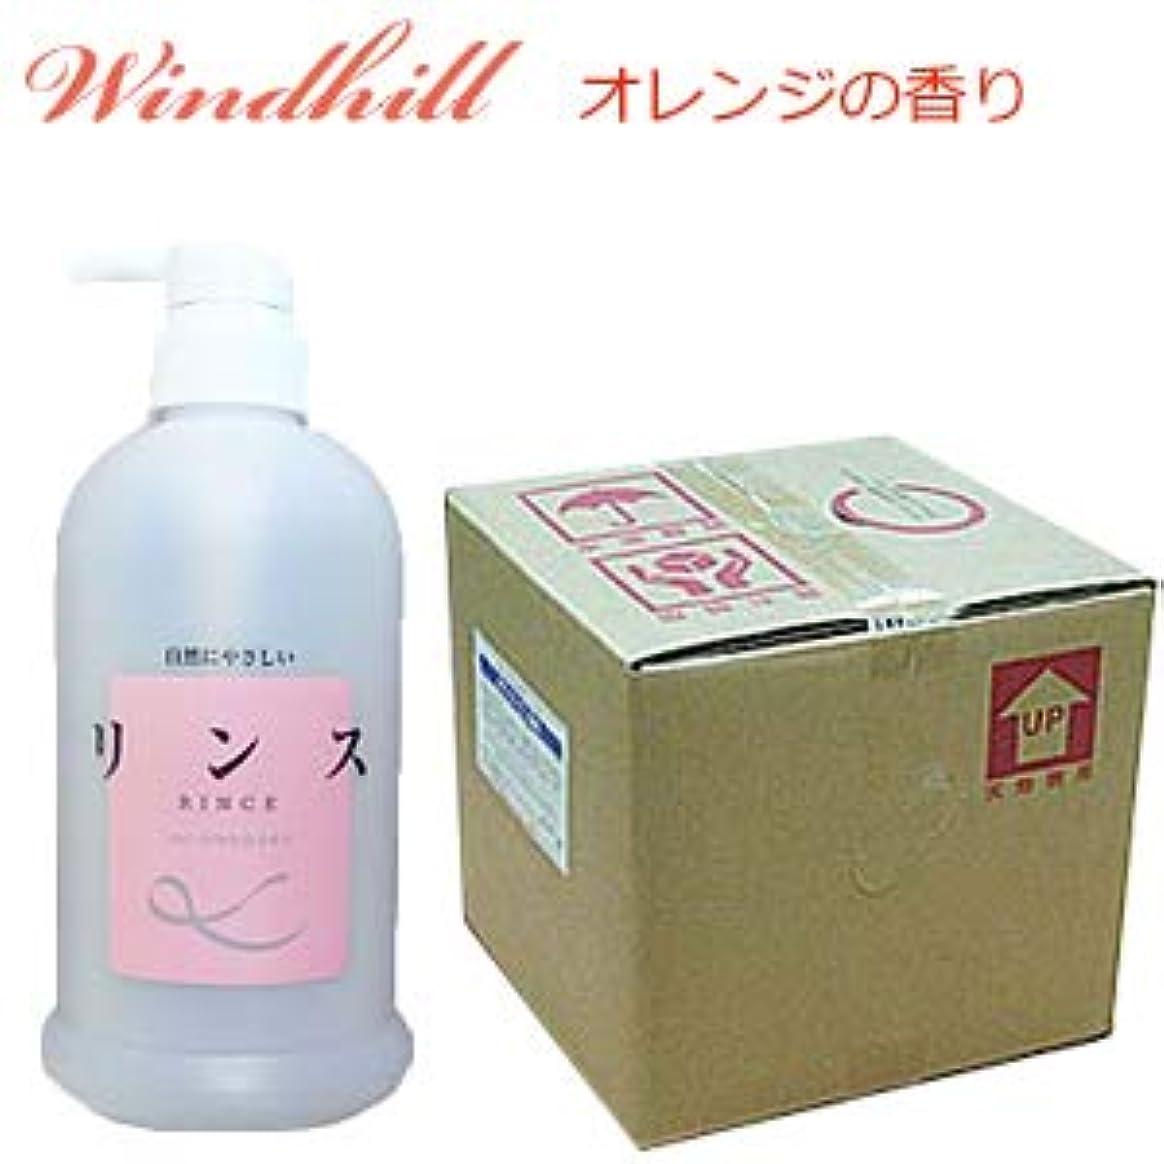 批判やさしい活気づくWindhill 植物性 業務用リンスオレンジの香り 20L(1セット20L入)